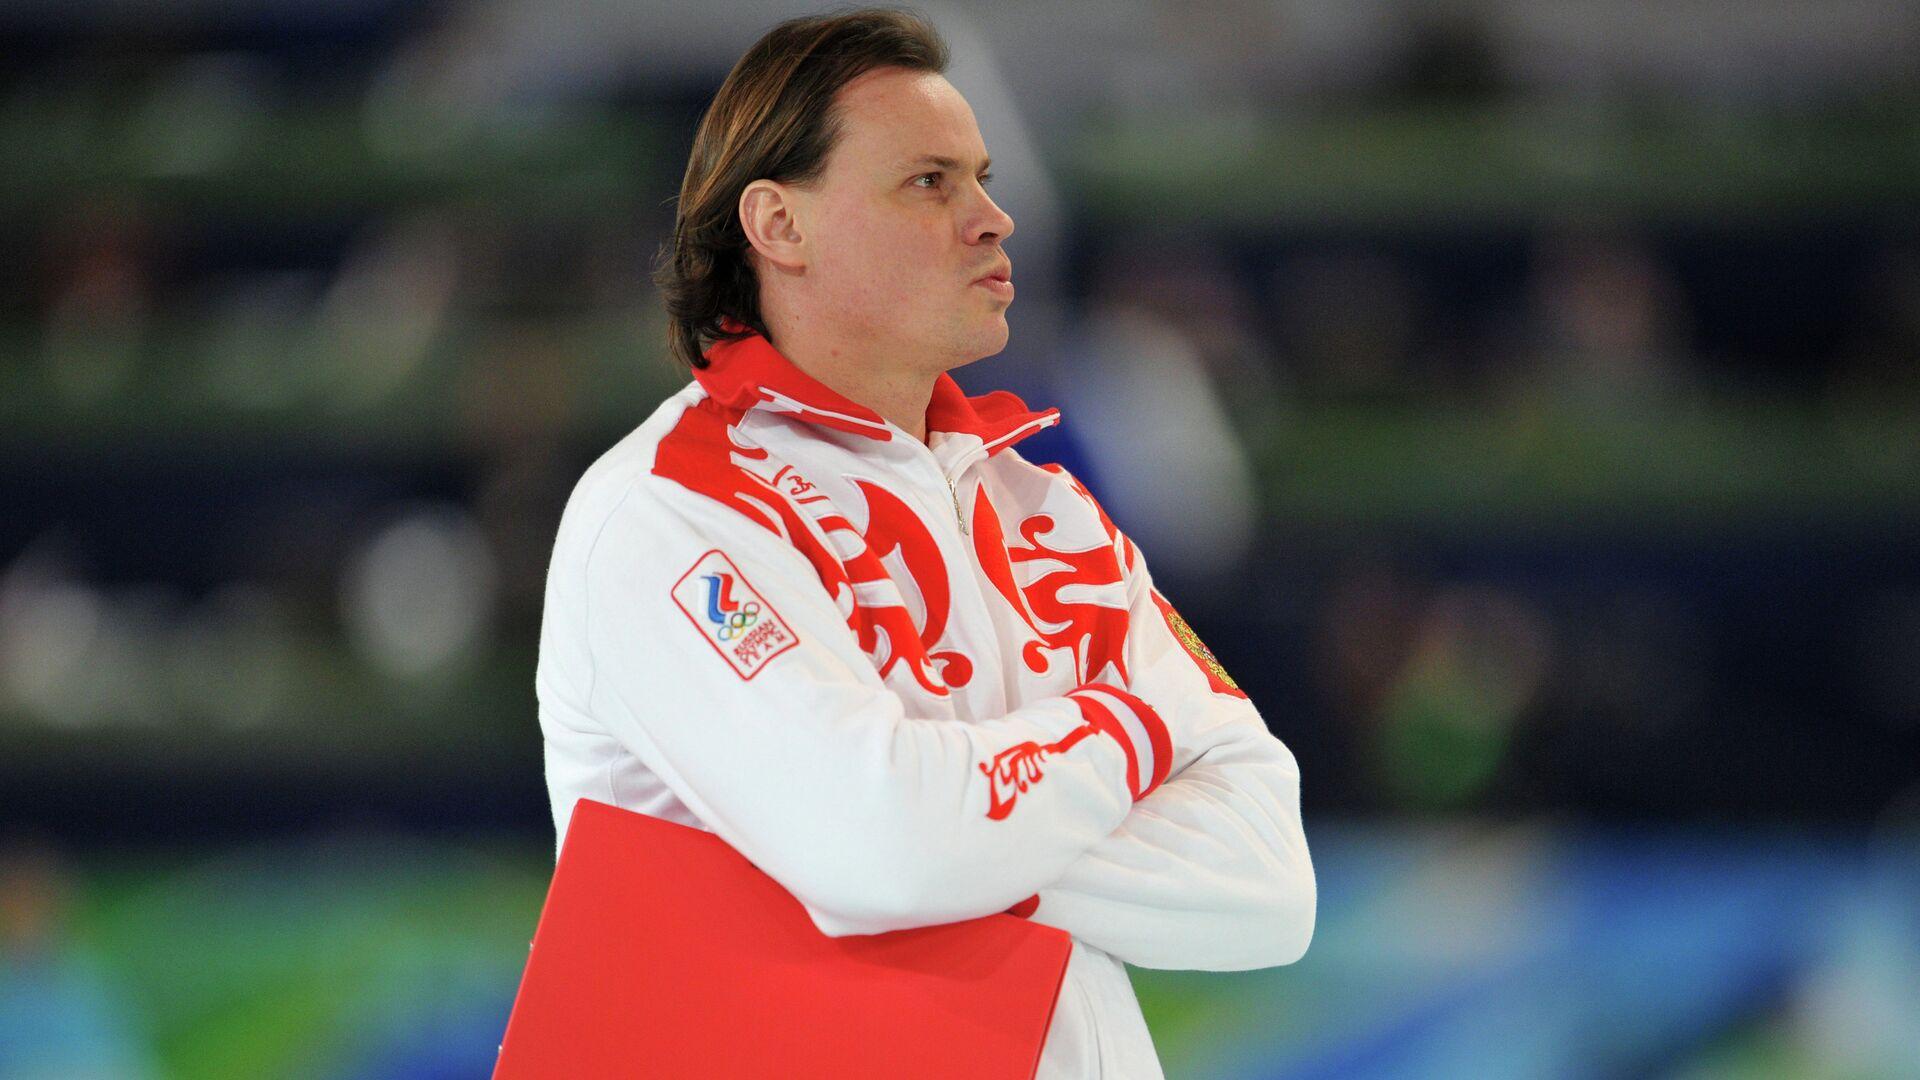 Тренер сборной России по конькобежному спорту Дмитрий Дорофеев - РИА Новости, 1920, 24.01.2021